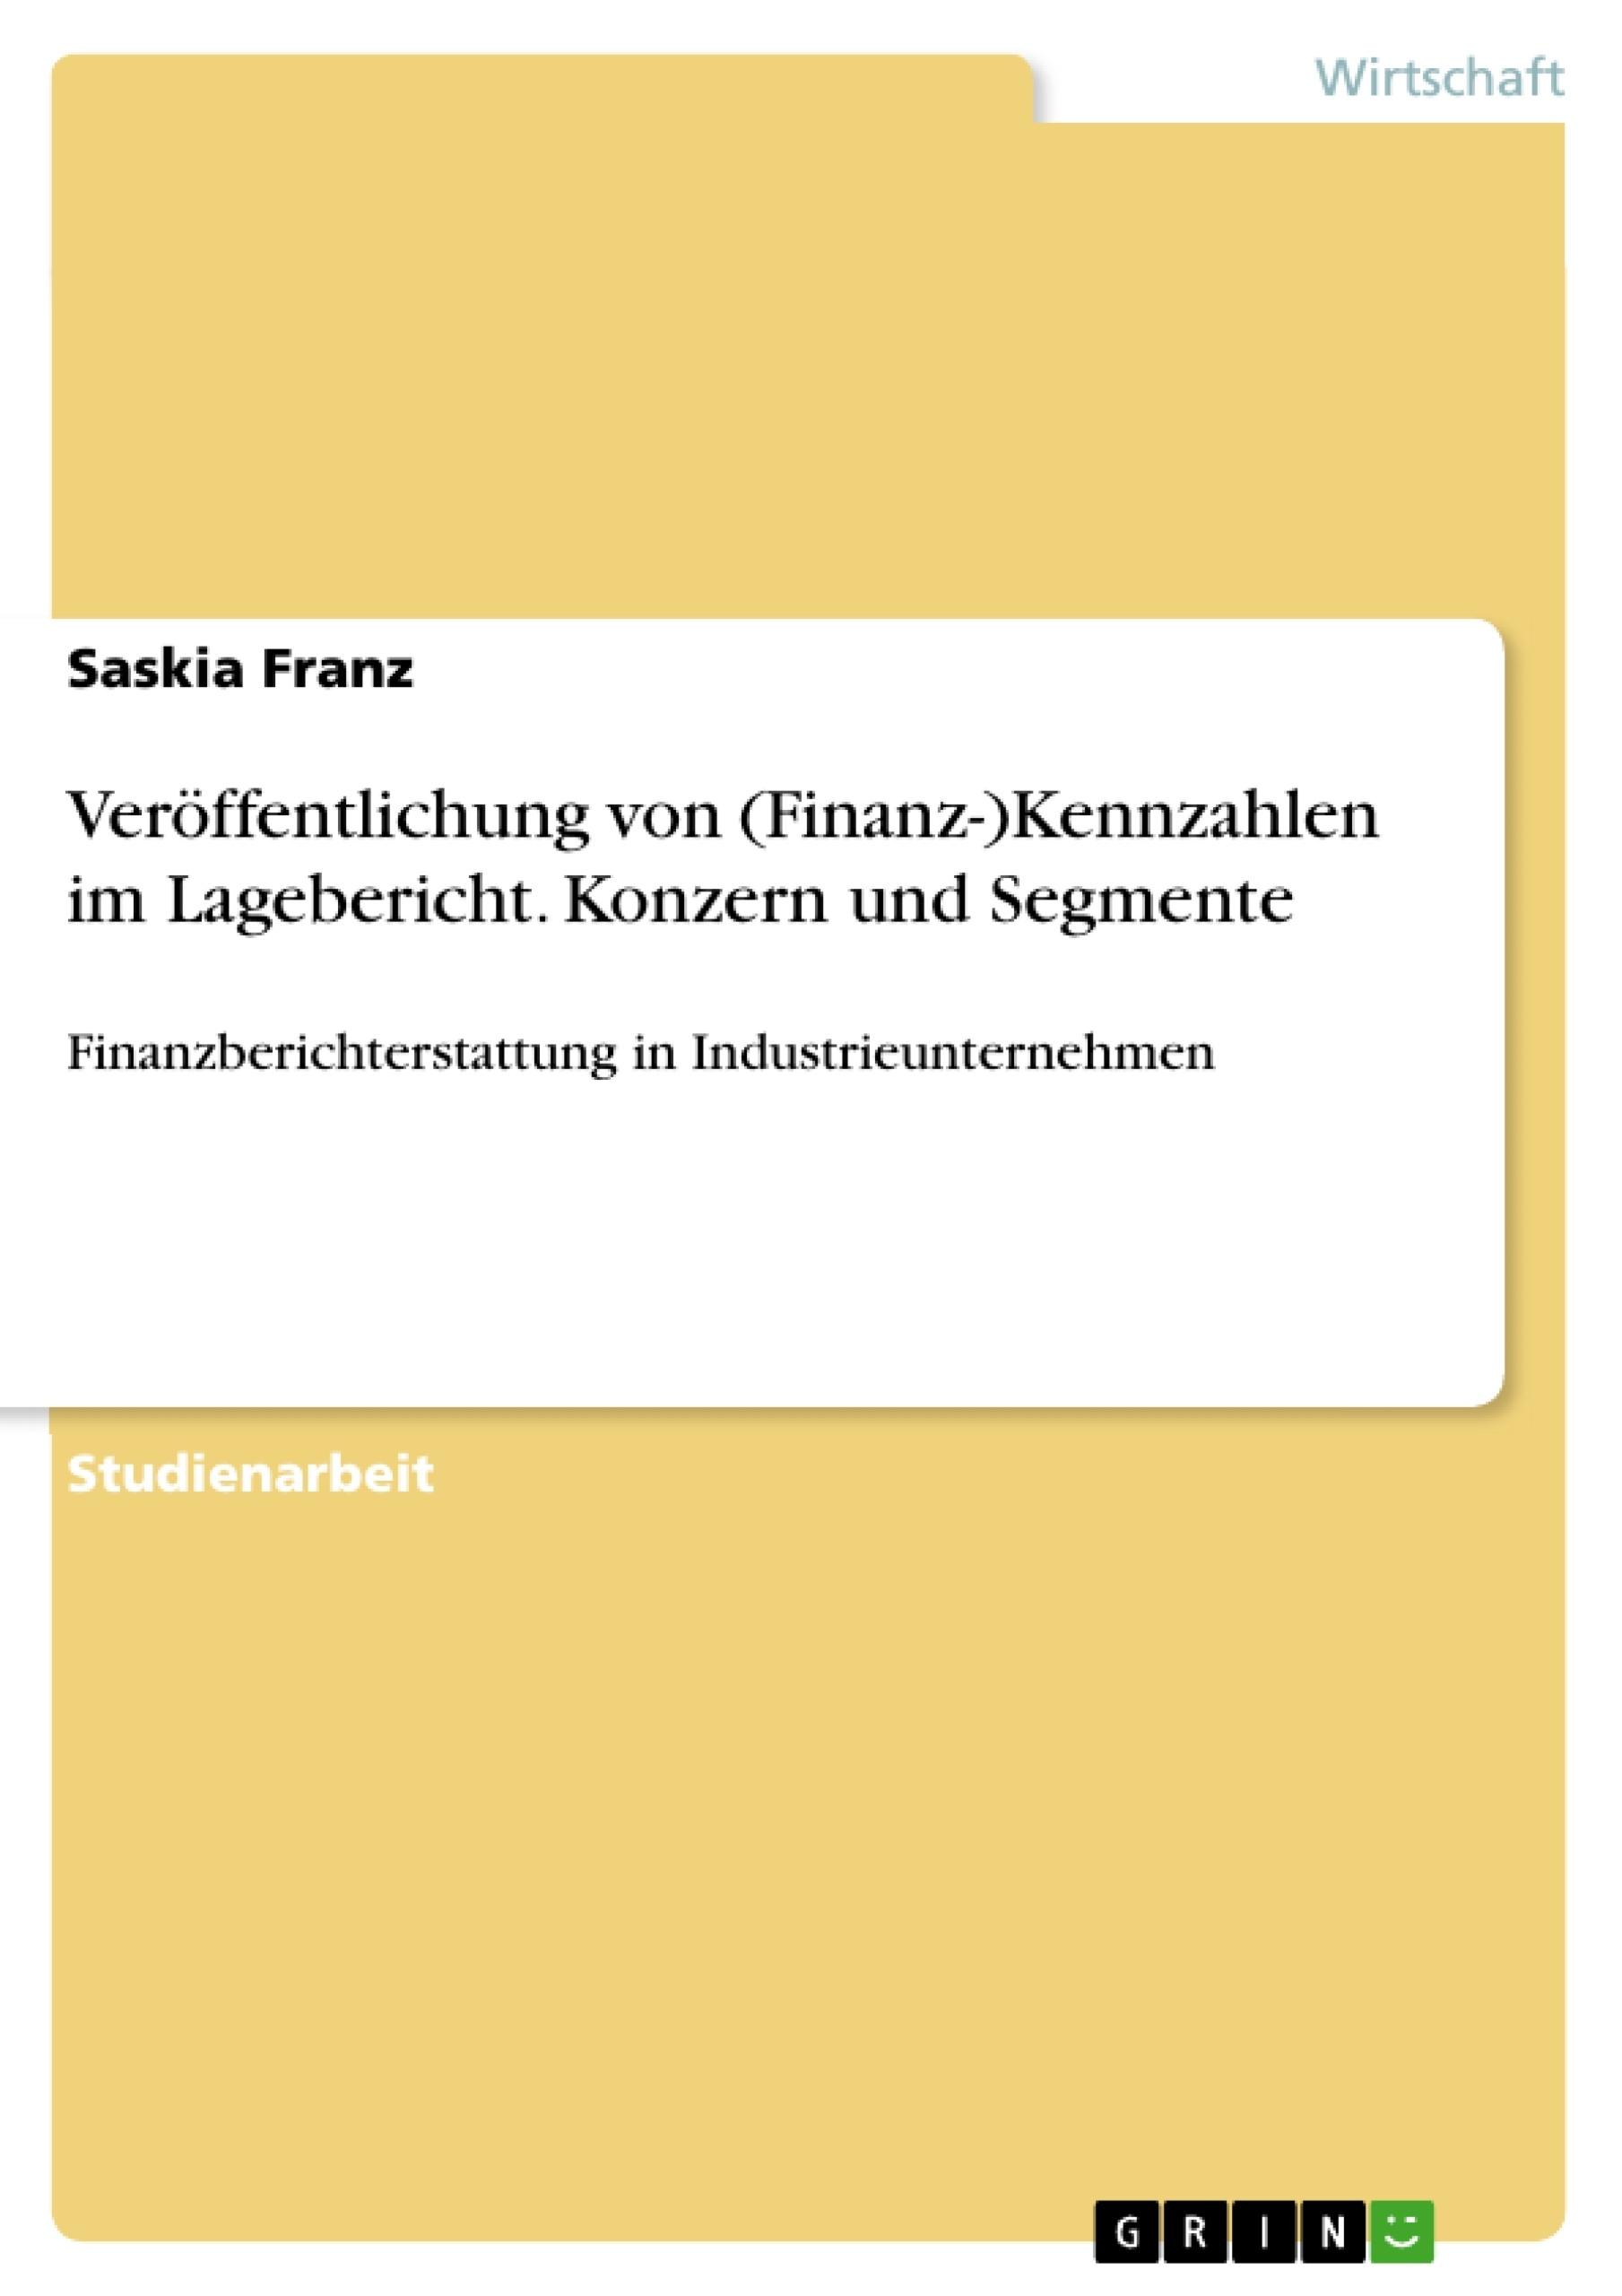 Titel: Veröffentlichung von (Finanz-)Kennzahlen im Lagebericht. Konzern und Segmente